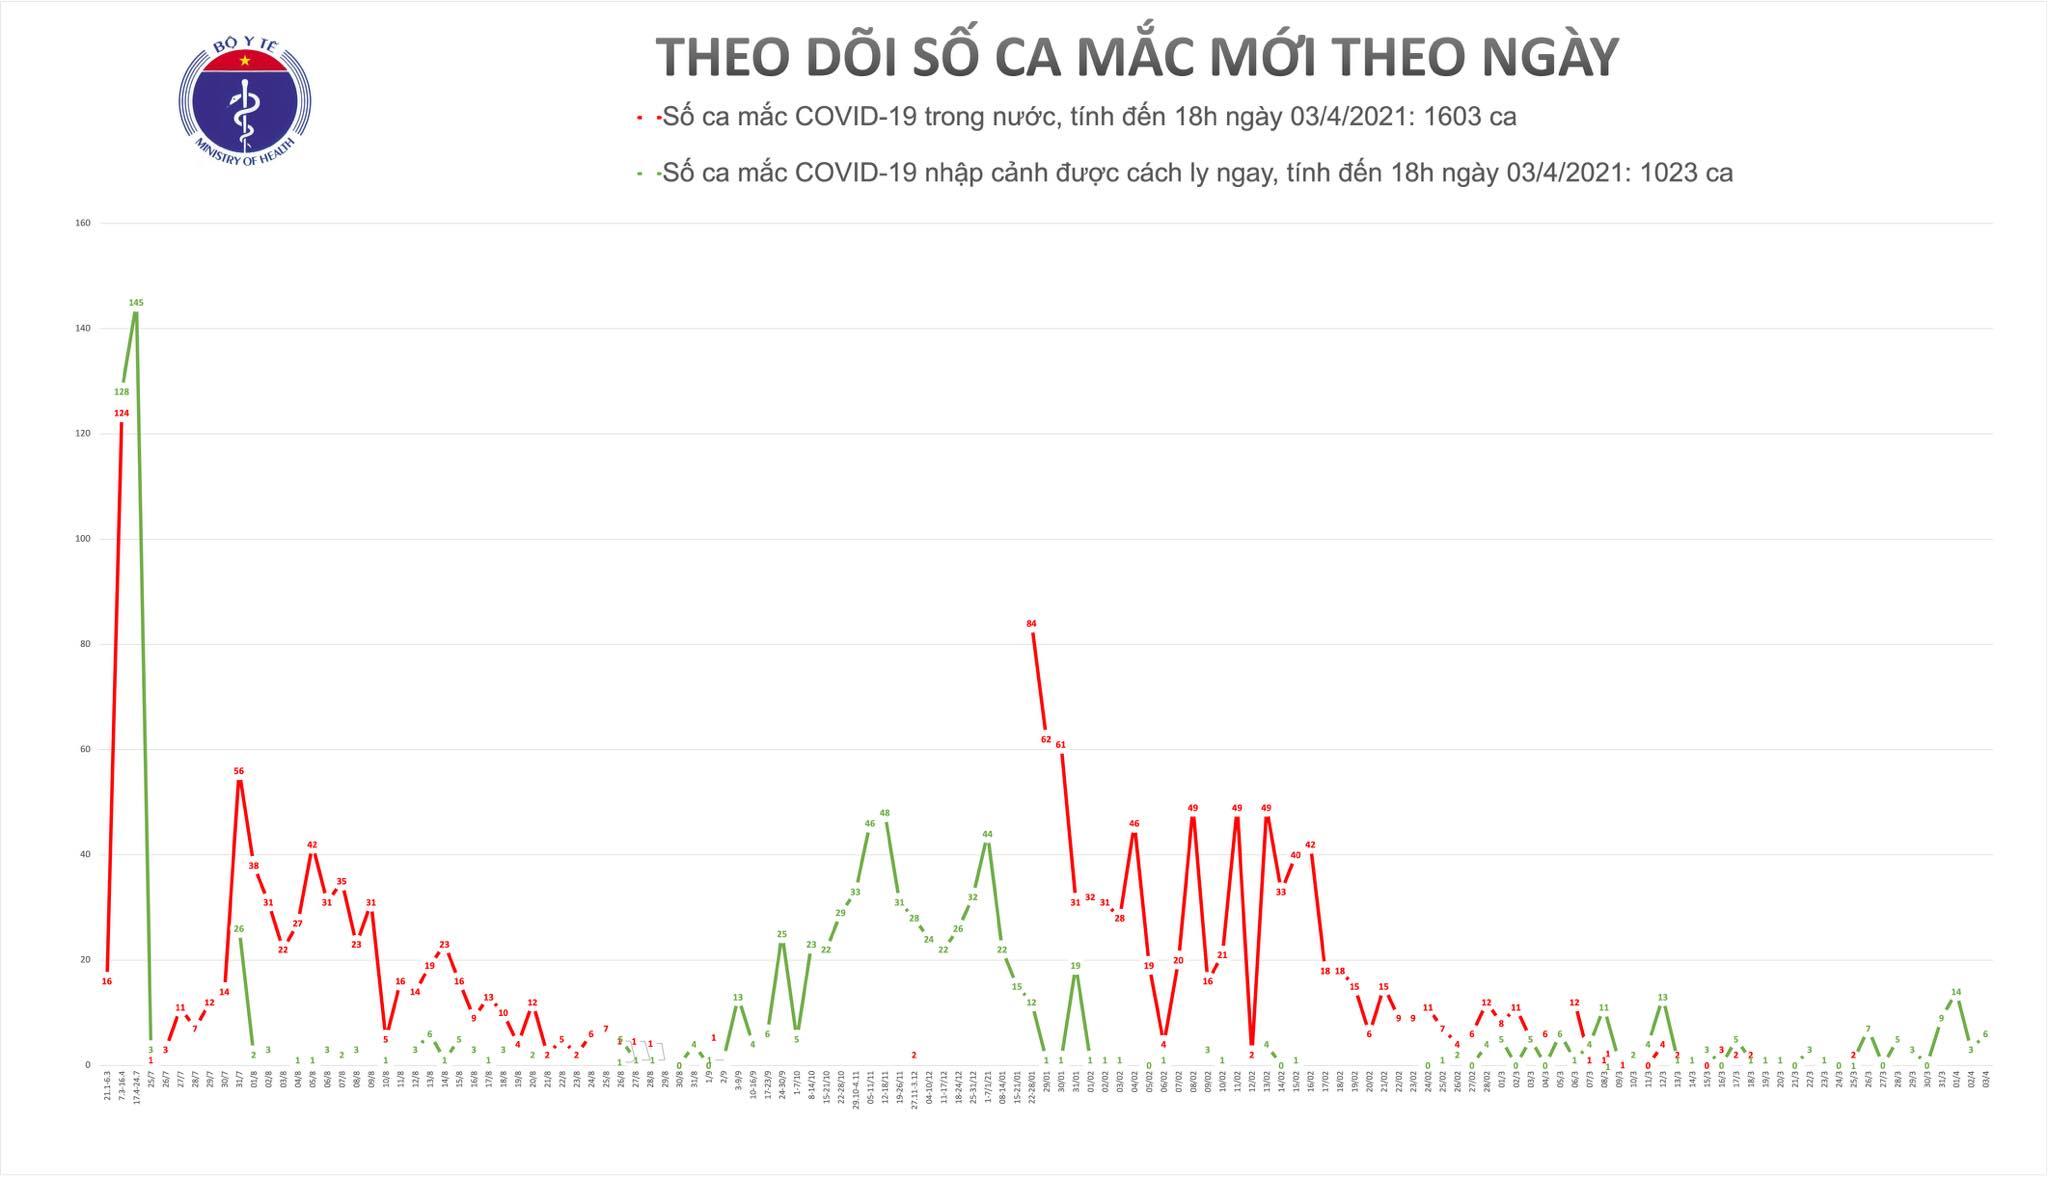 Chiều 3/4, có 6 ca mắc COVID-19 tại Tây Ninh và Bắc Ninh